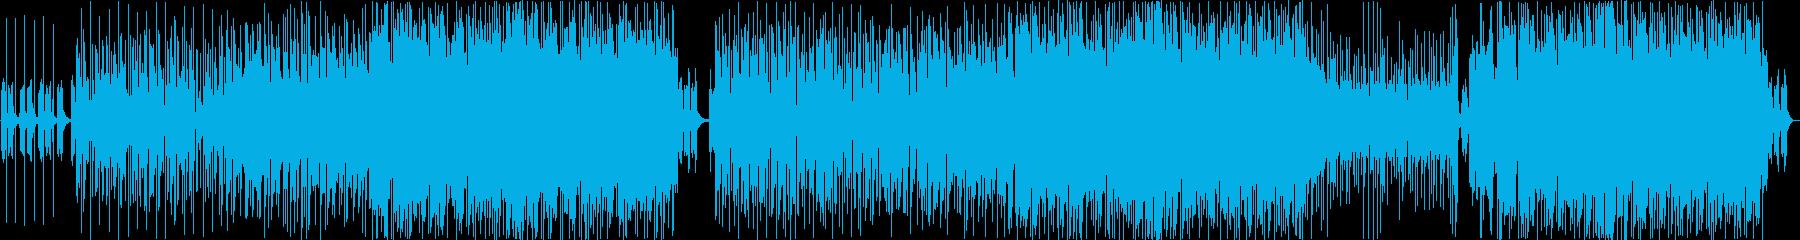 アニメ主題歌風エレクトロポップ_女性Voの再生済みの波形